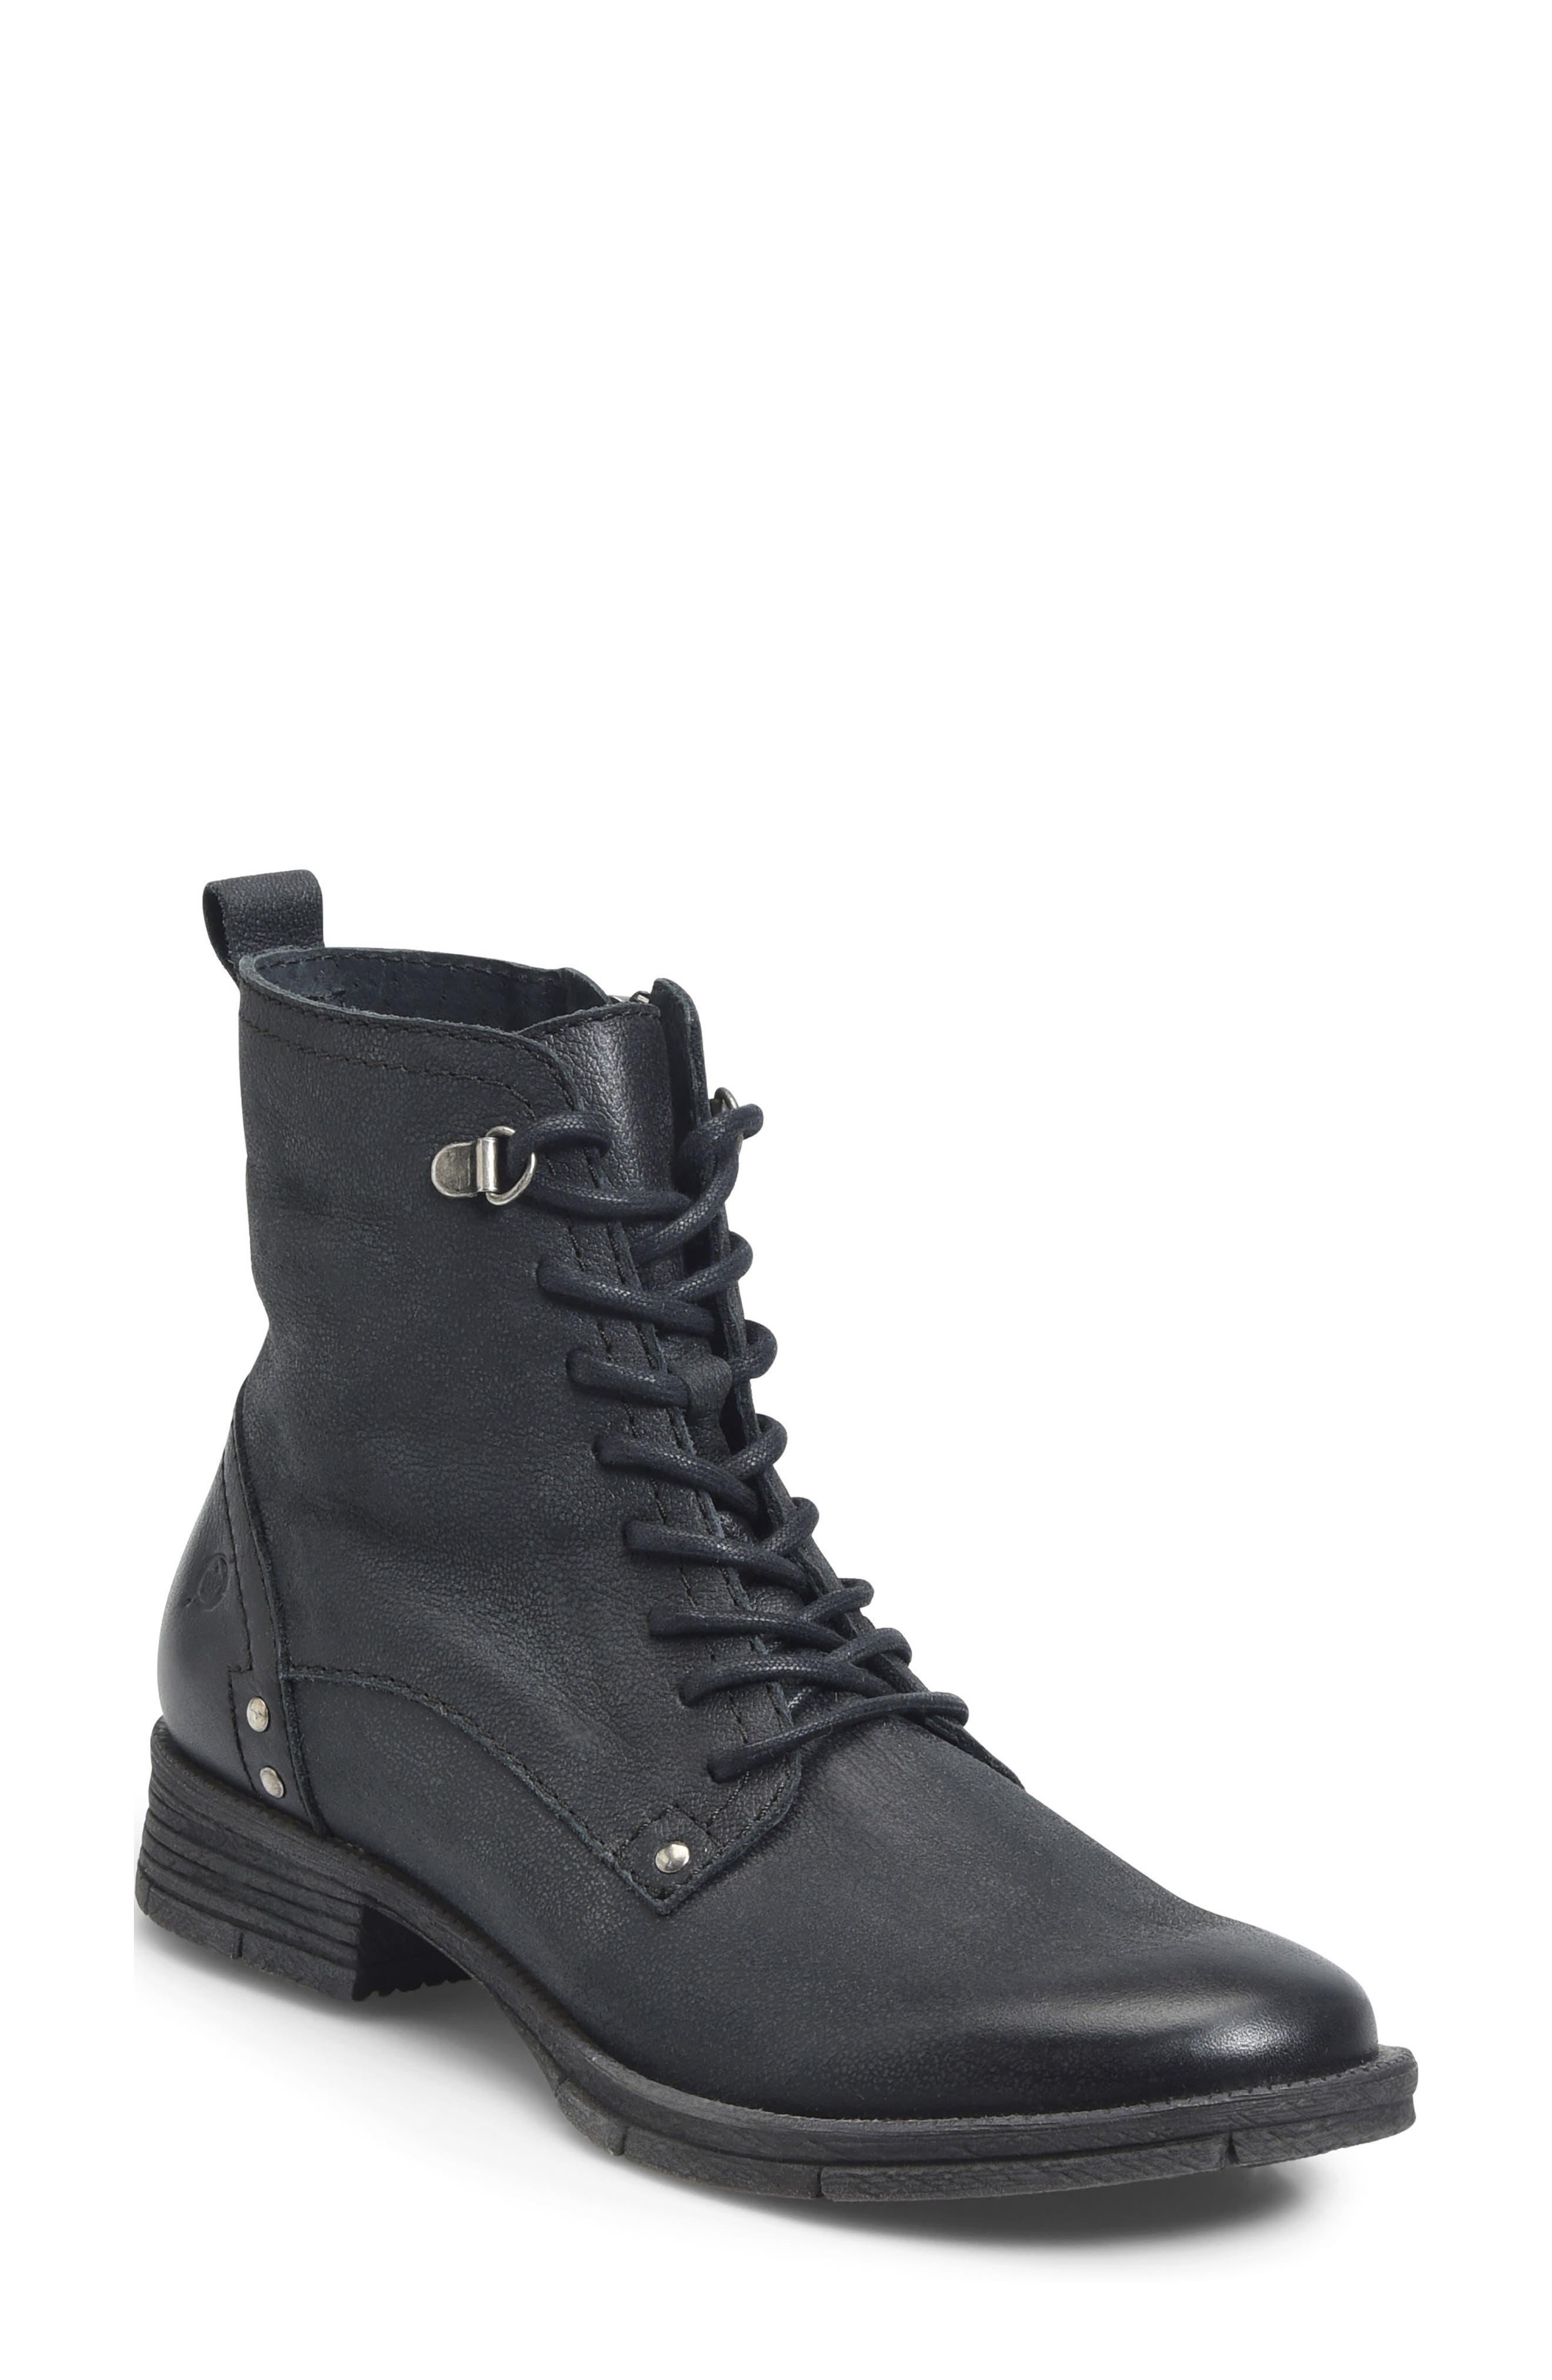 Børn Joris Lace-Up Boot (Women)